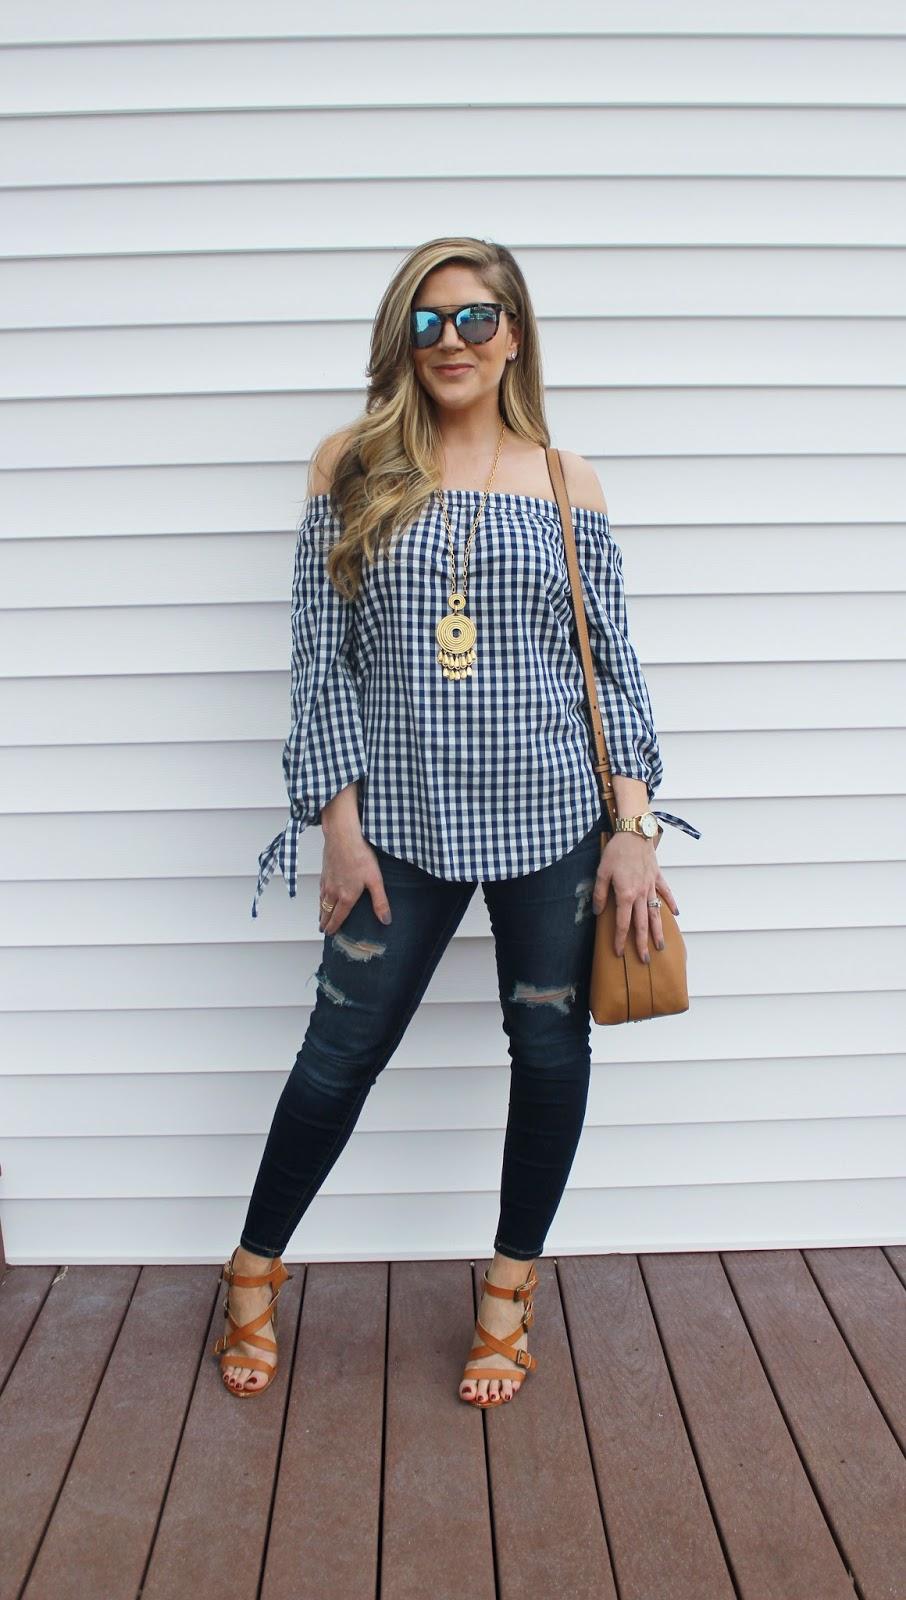 51e7099768d27 What I'm wearing...off the shoulder gingham top: Kohl's, distressed denim:  Target (similar), strappy heels: Charlotte Russe, shoulder bag: Forever 21  ...